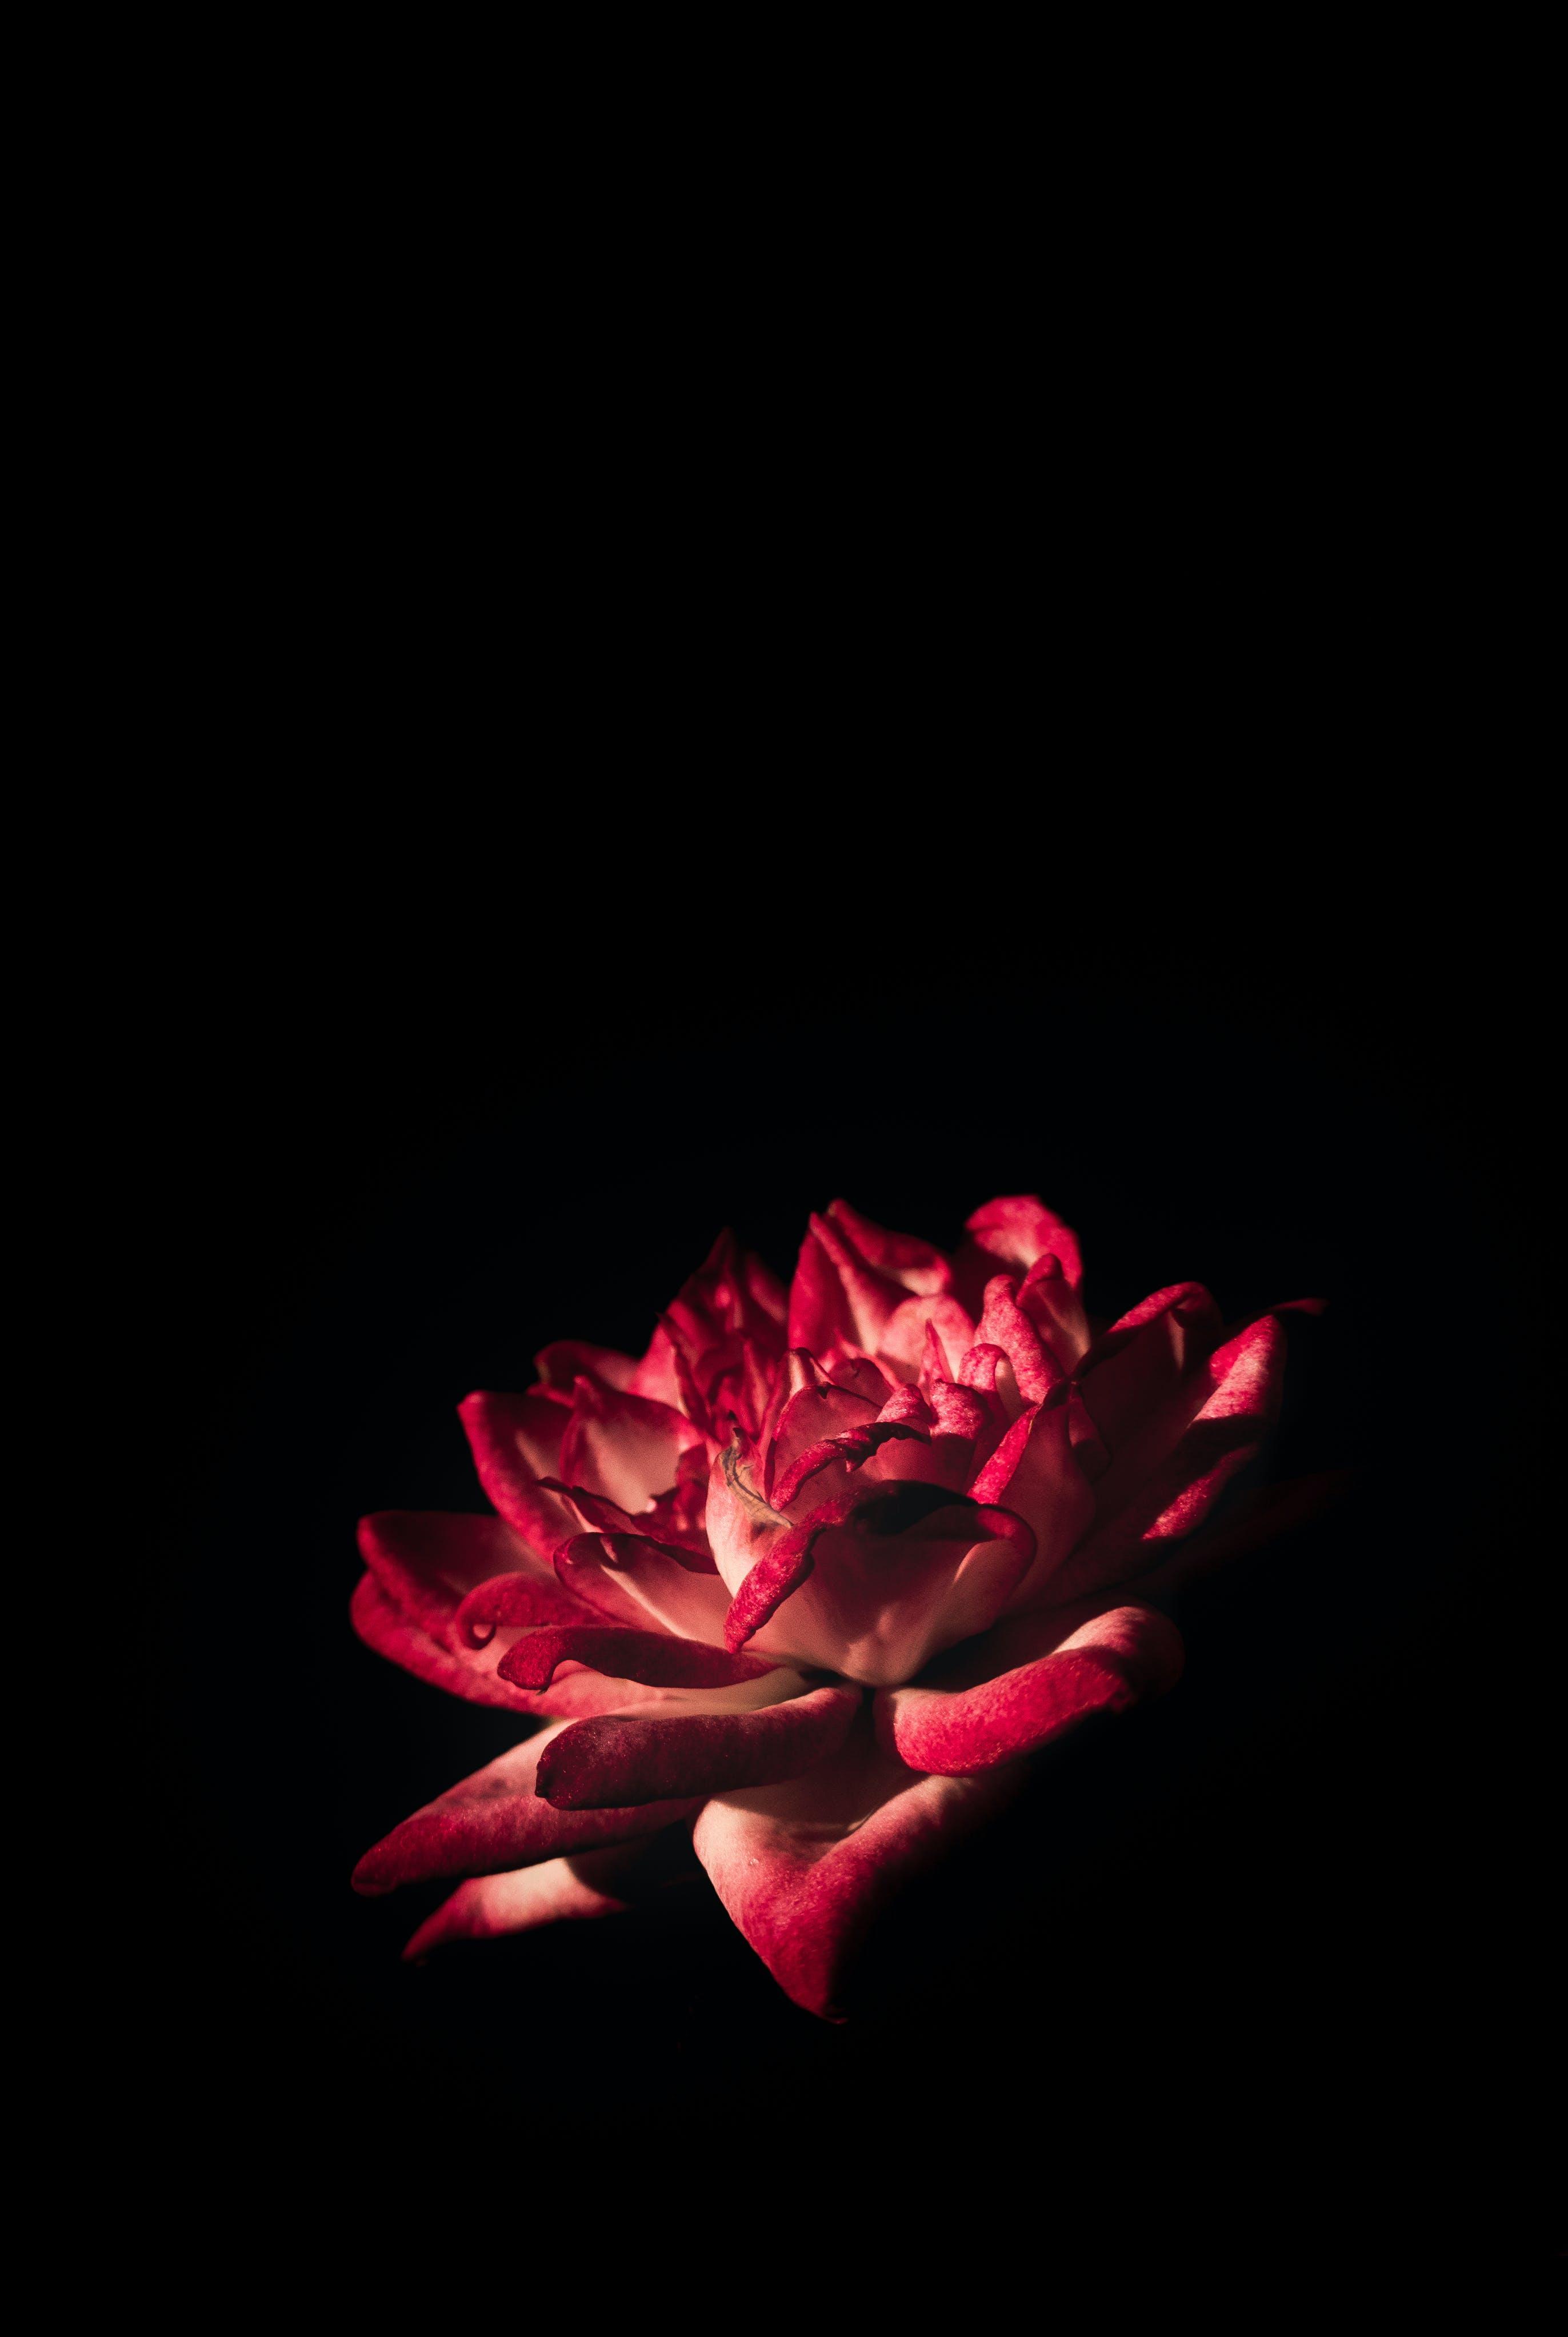 คลังภาพถ่ายฟรี ของ กลีบดอก, การถ่ายภาพหุ่นนิ่ง, กำลังบาน, ดอกกุหลาบ